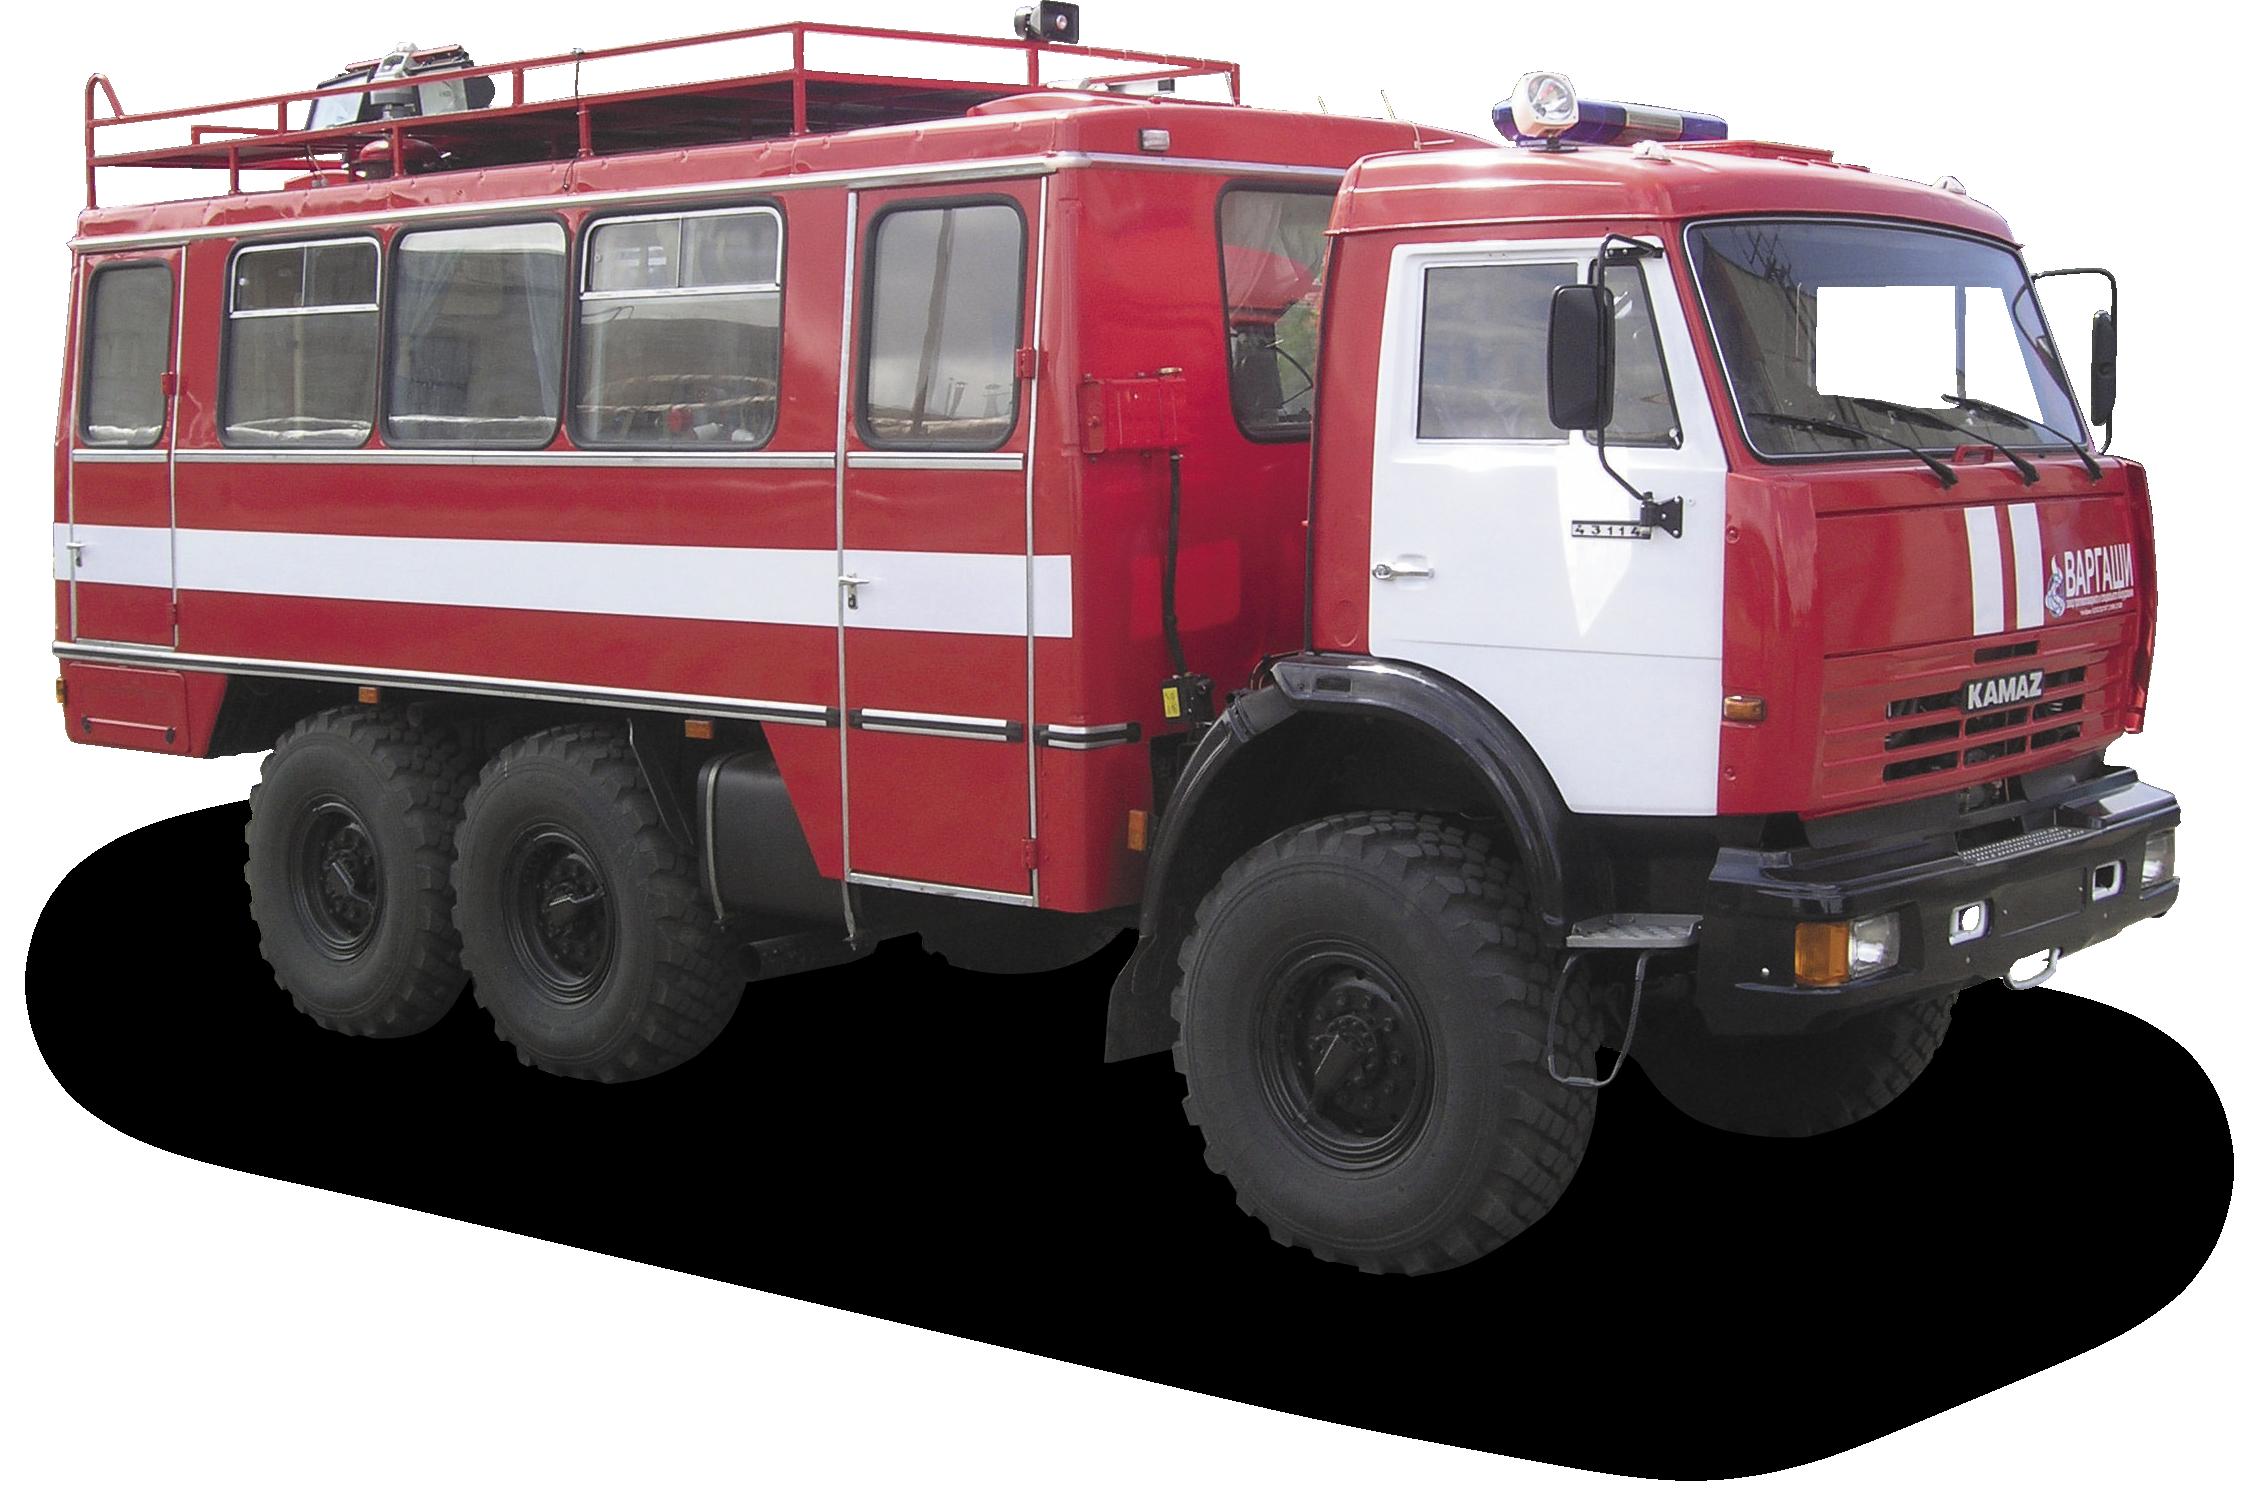 конспекты пожарных по гдзс